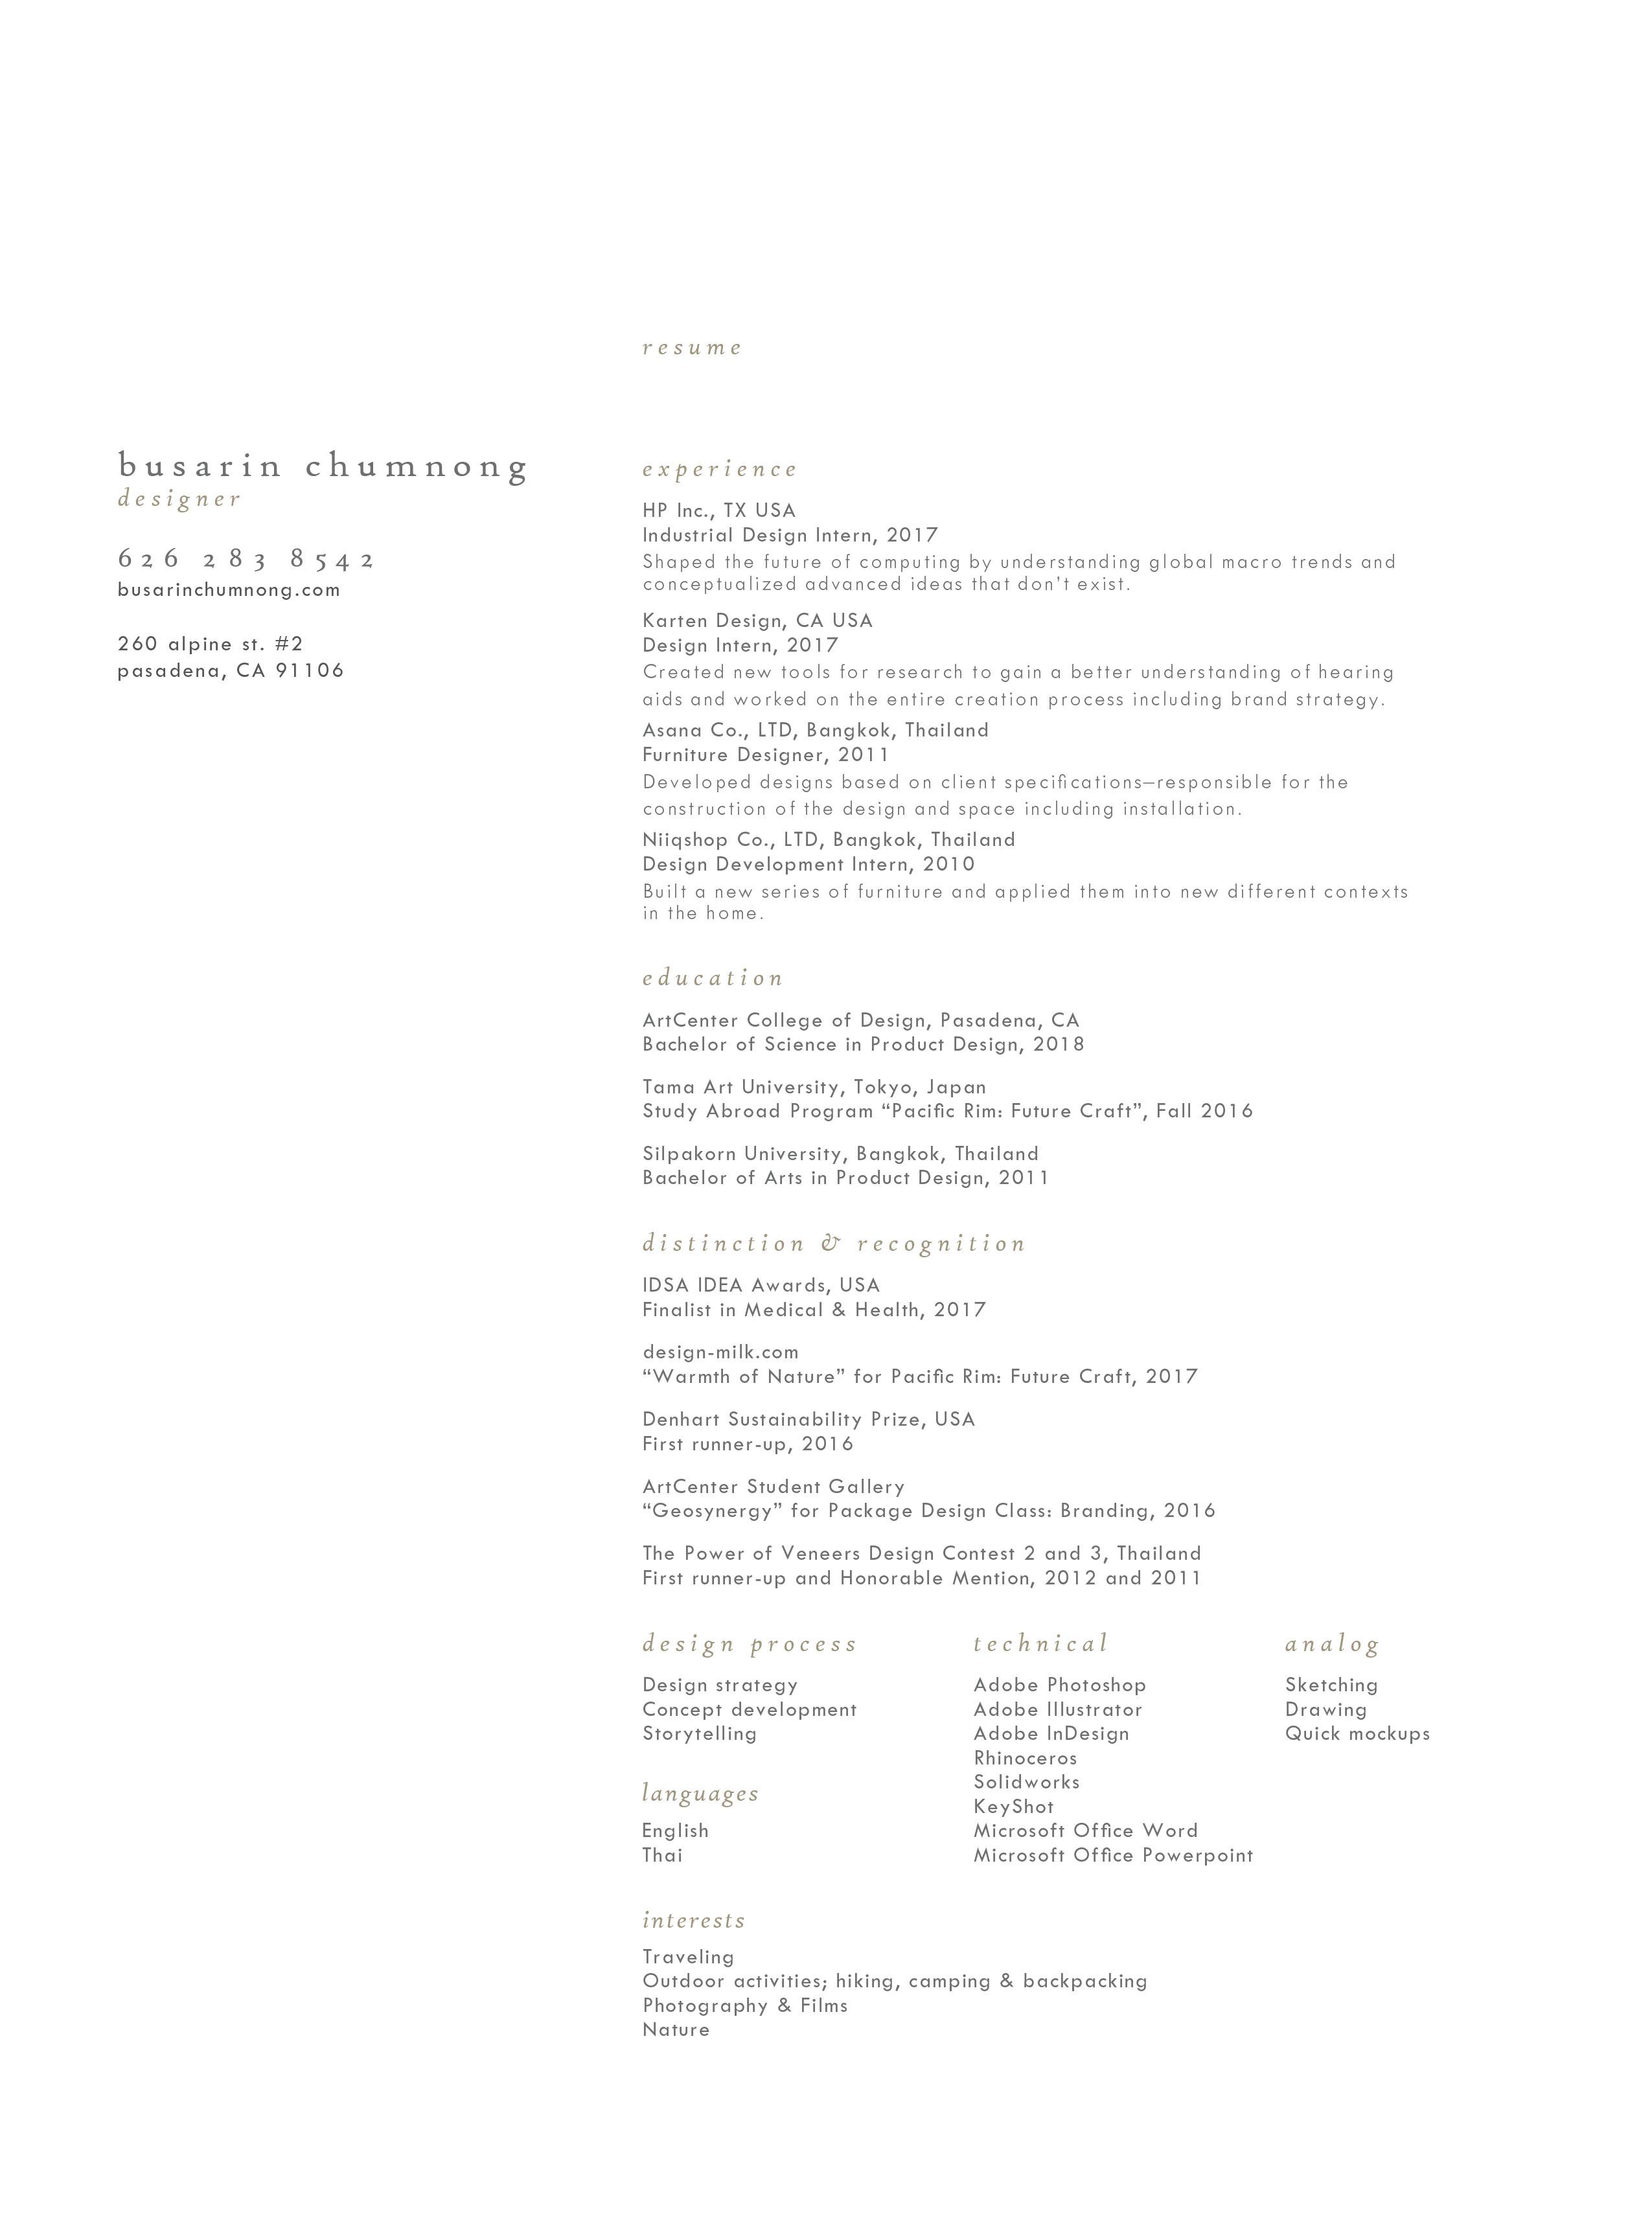 Resume_on_webste